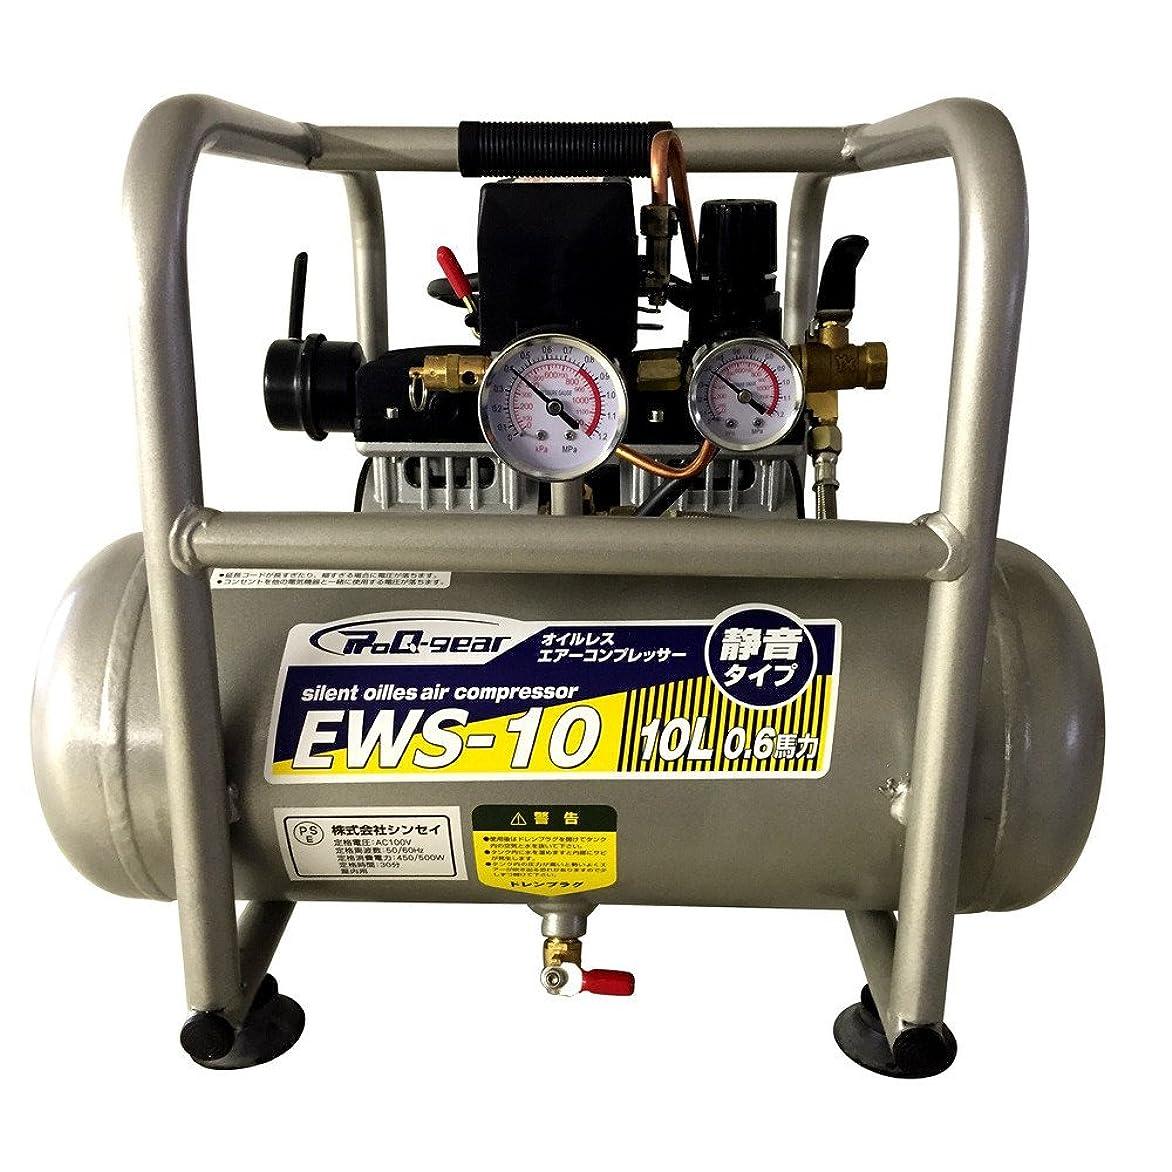 賭け密輸前文シンセイ オイルレスエアーコンプレッサー 静音タイプ 10L EWS-10